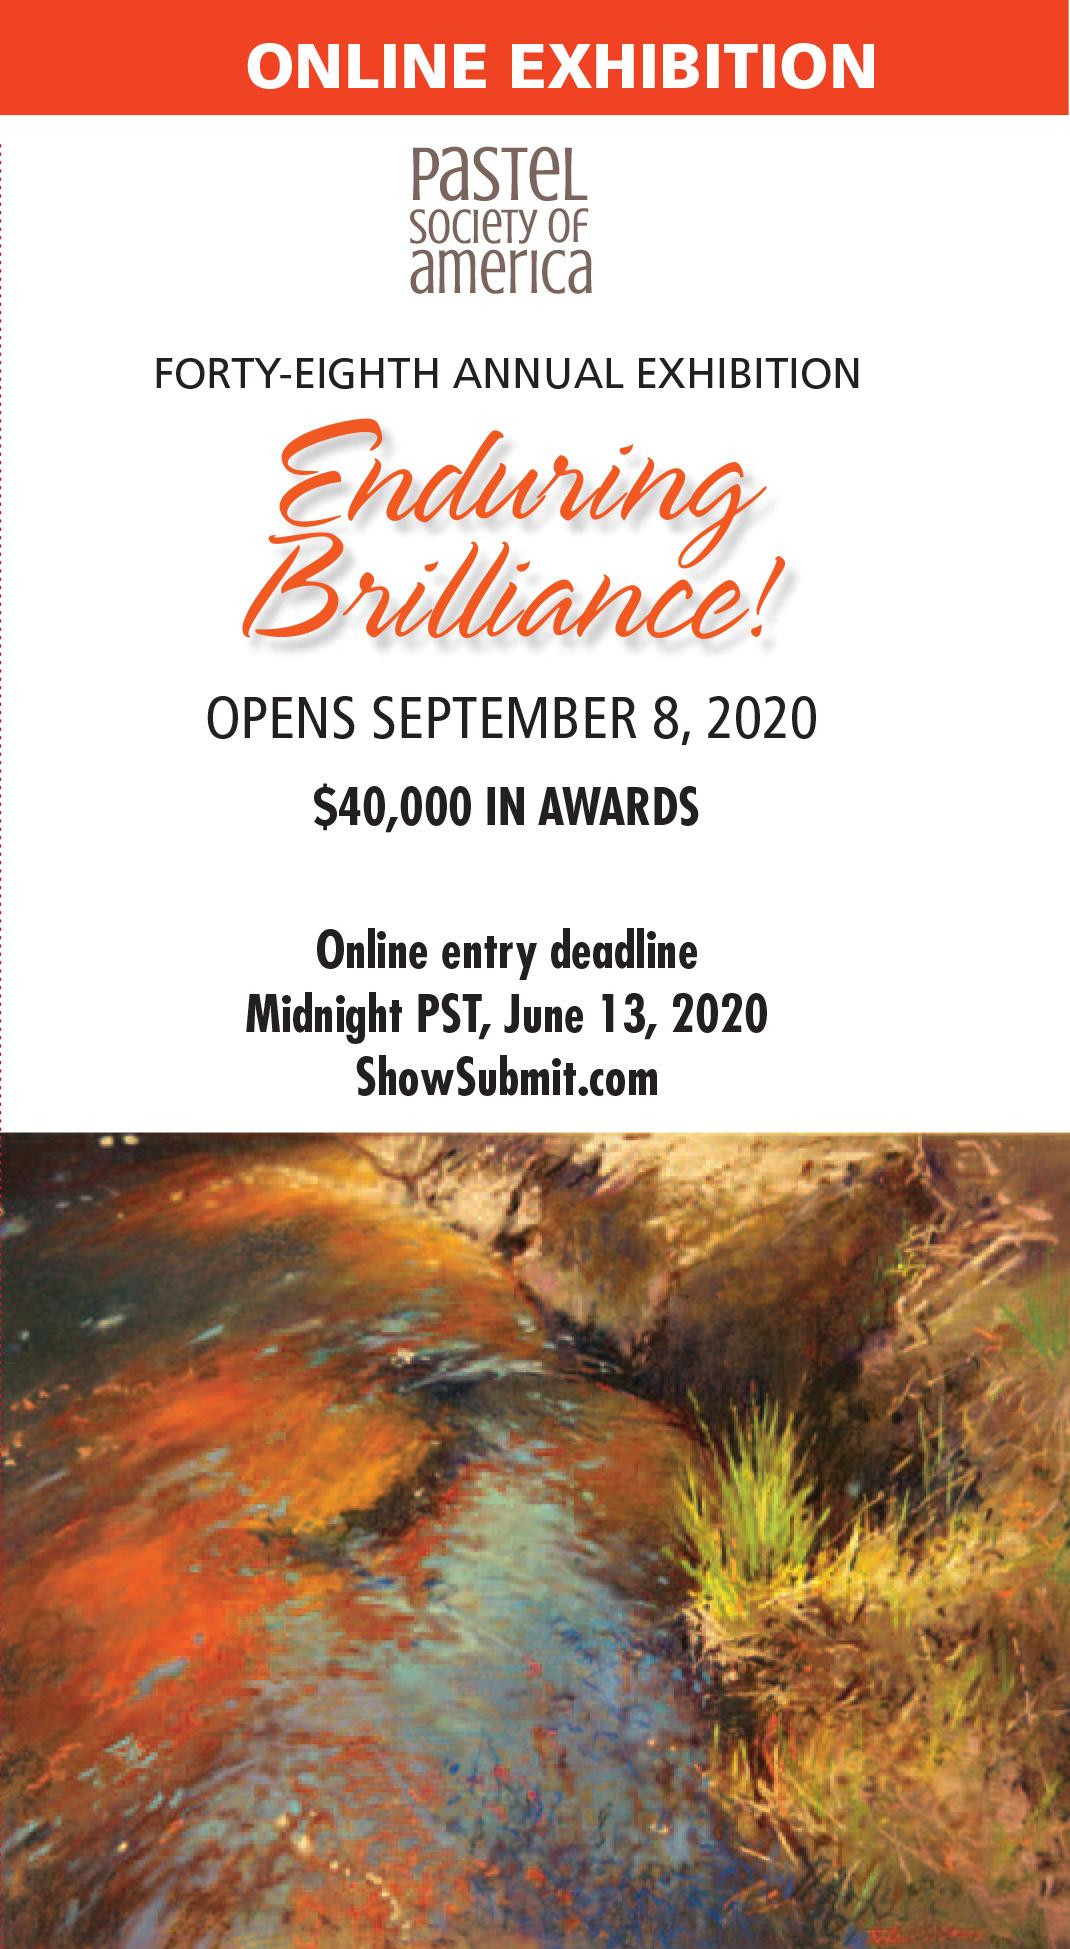 Enduring Brilliance! Exhibition ONLINE